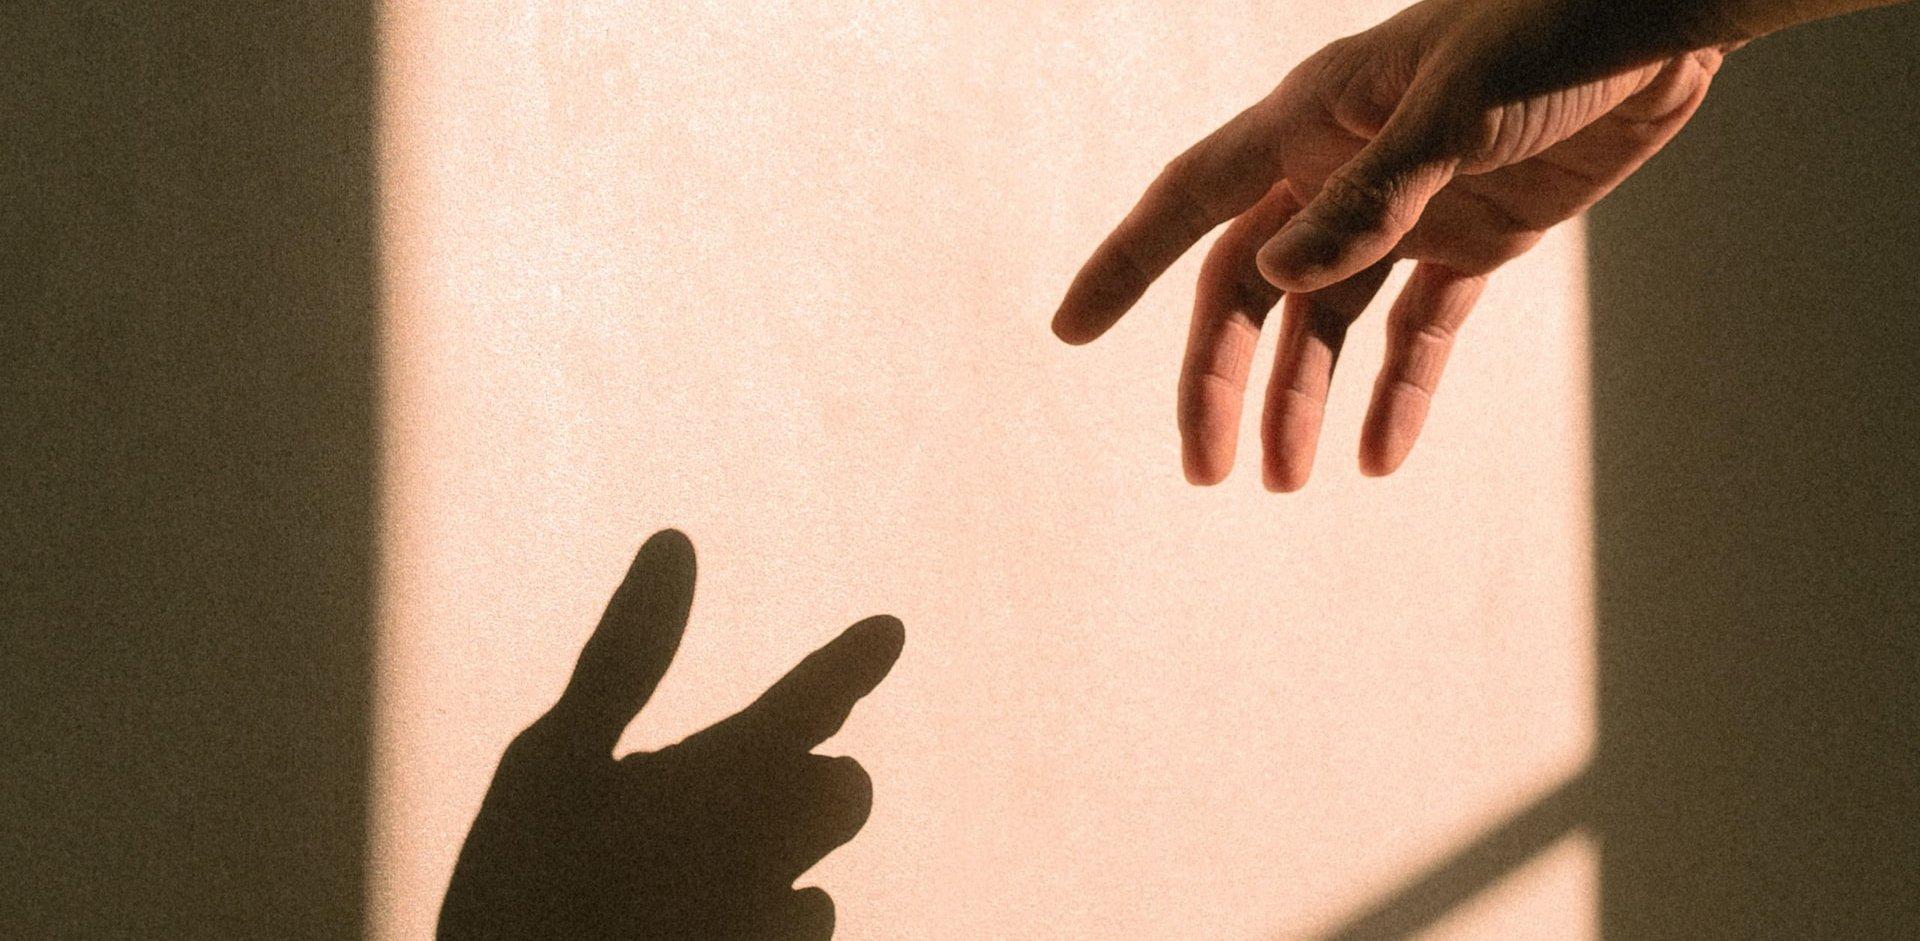 Shadow hands-Jill Jones-Poet-Red Room Poetry-image Sirisvisual .jpg